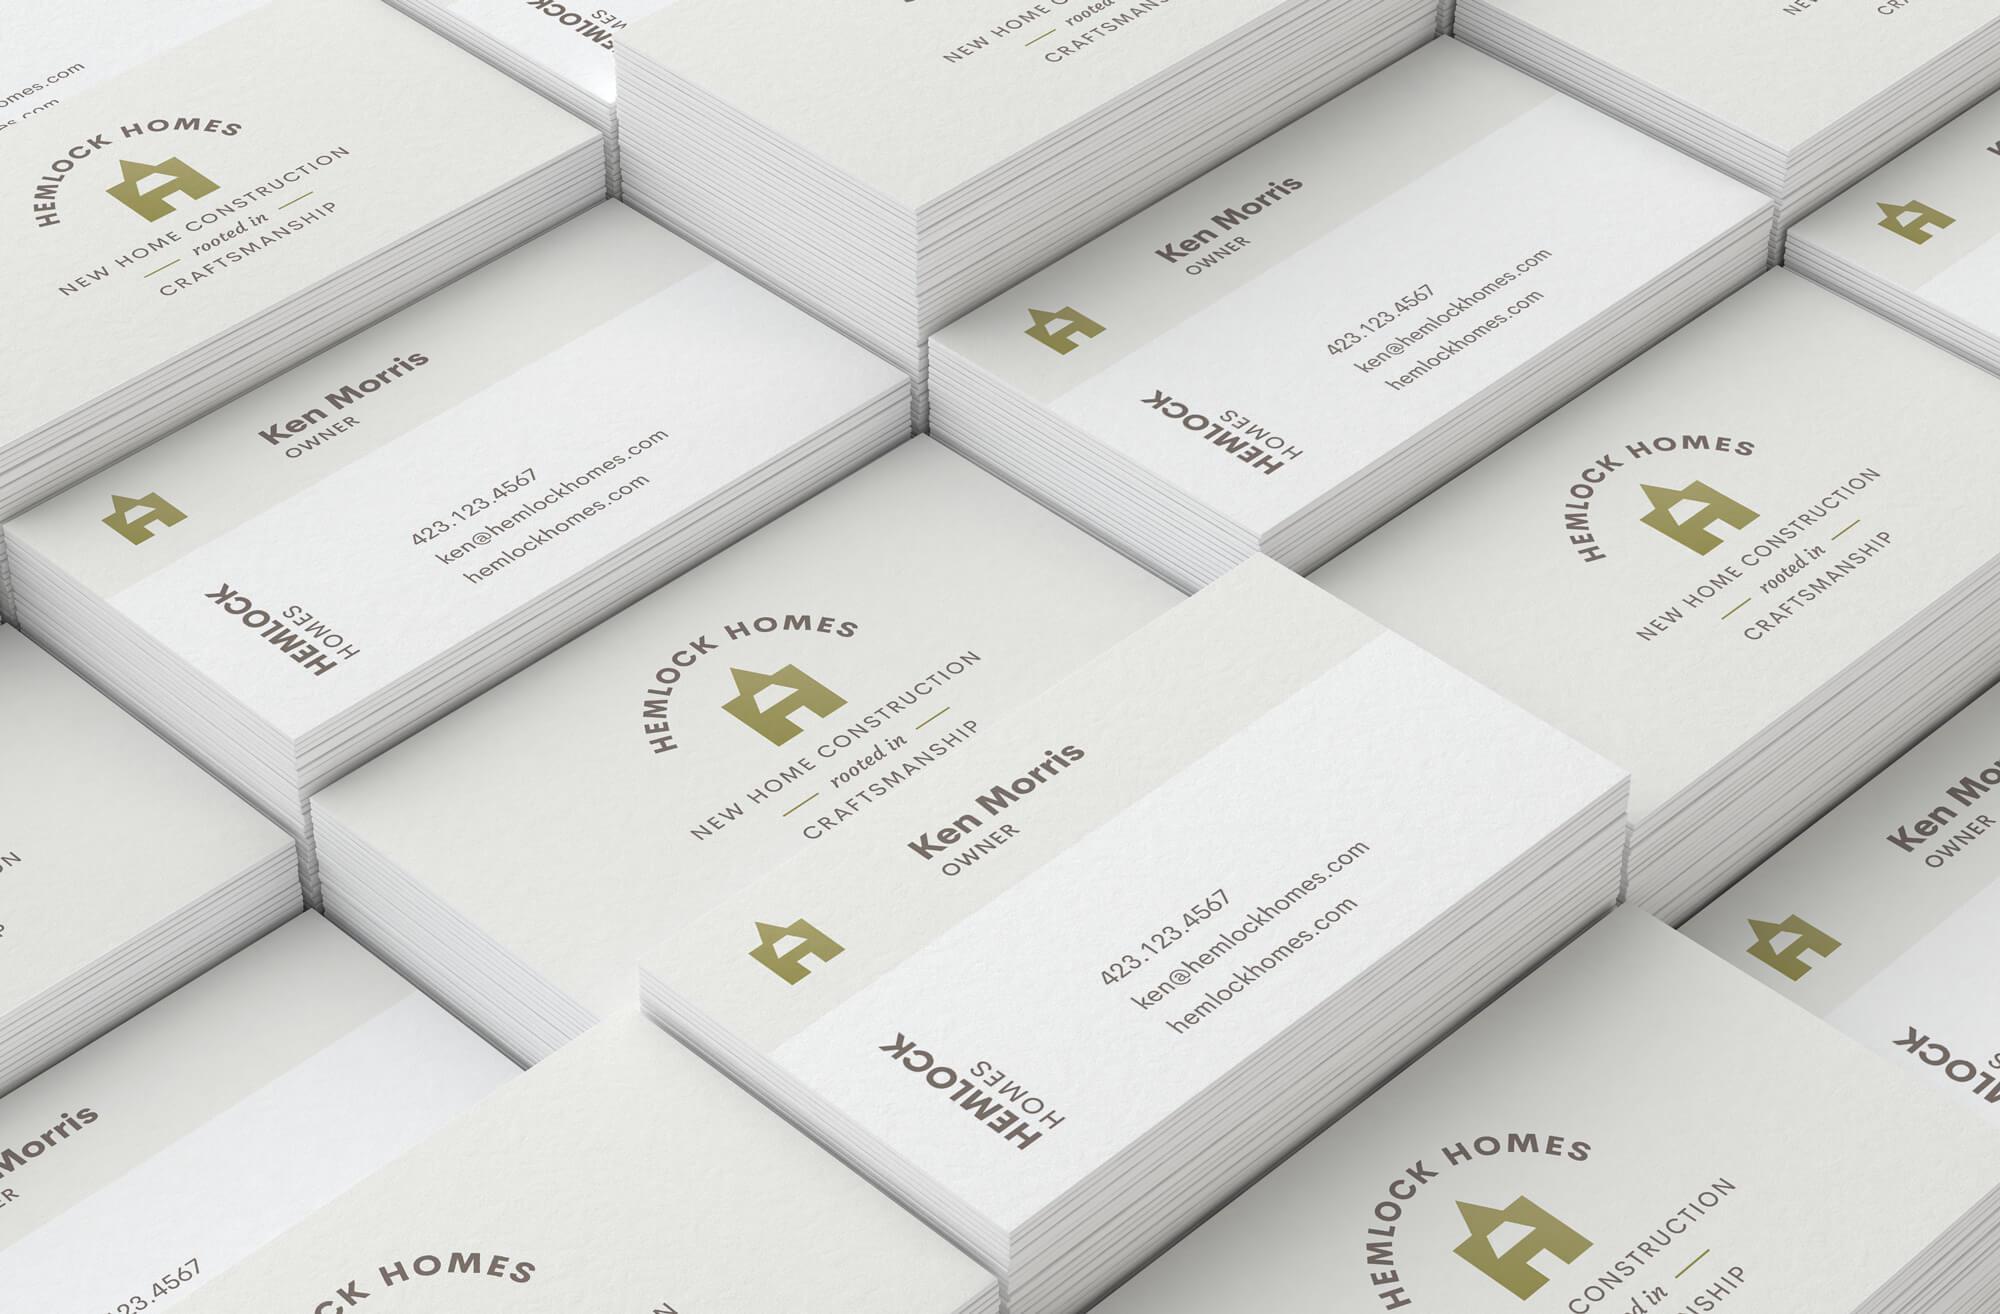 Mockup of Business Cards designed for Hemlock Homes